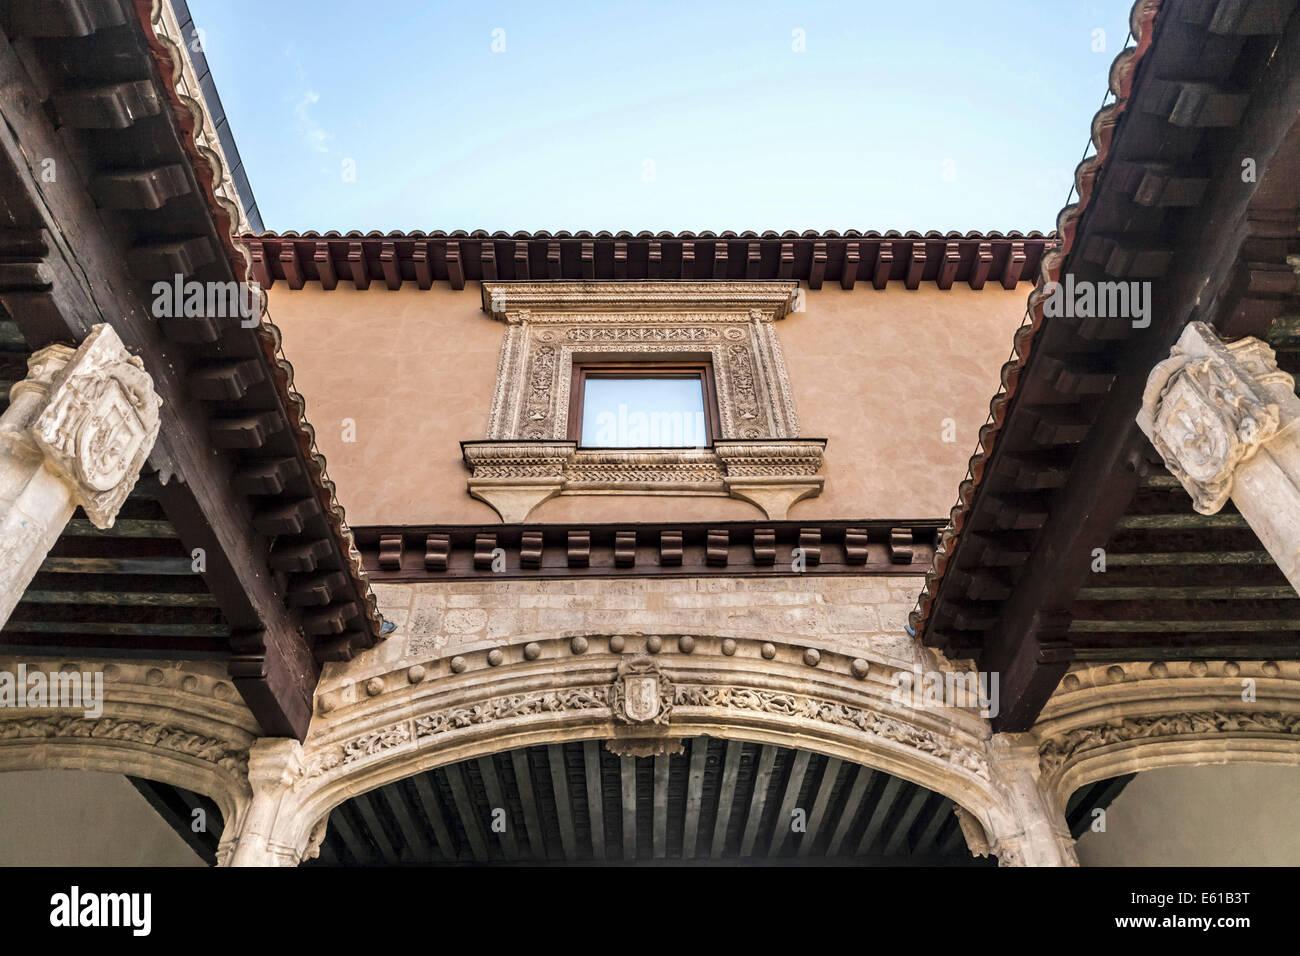 Valladolid,Castilla y Leon,Spain - Stock Image